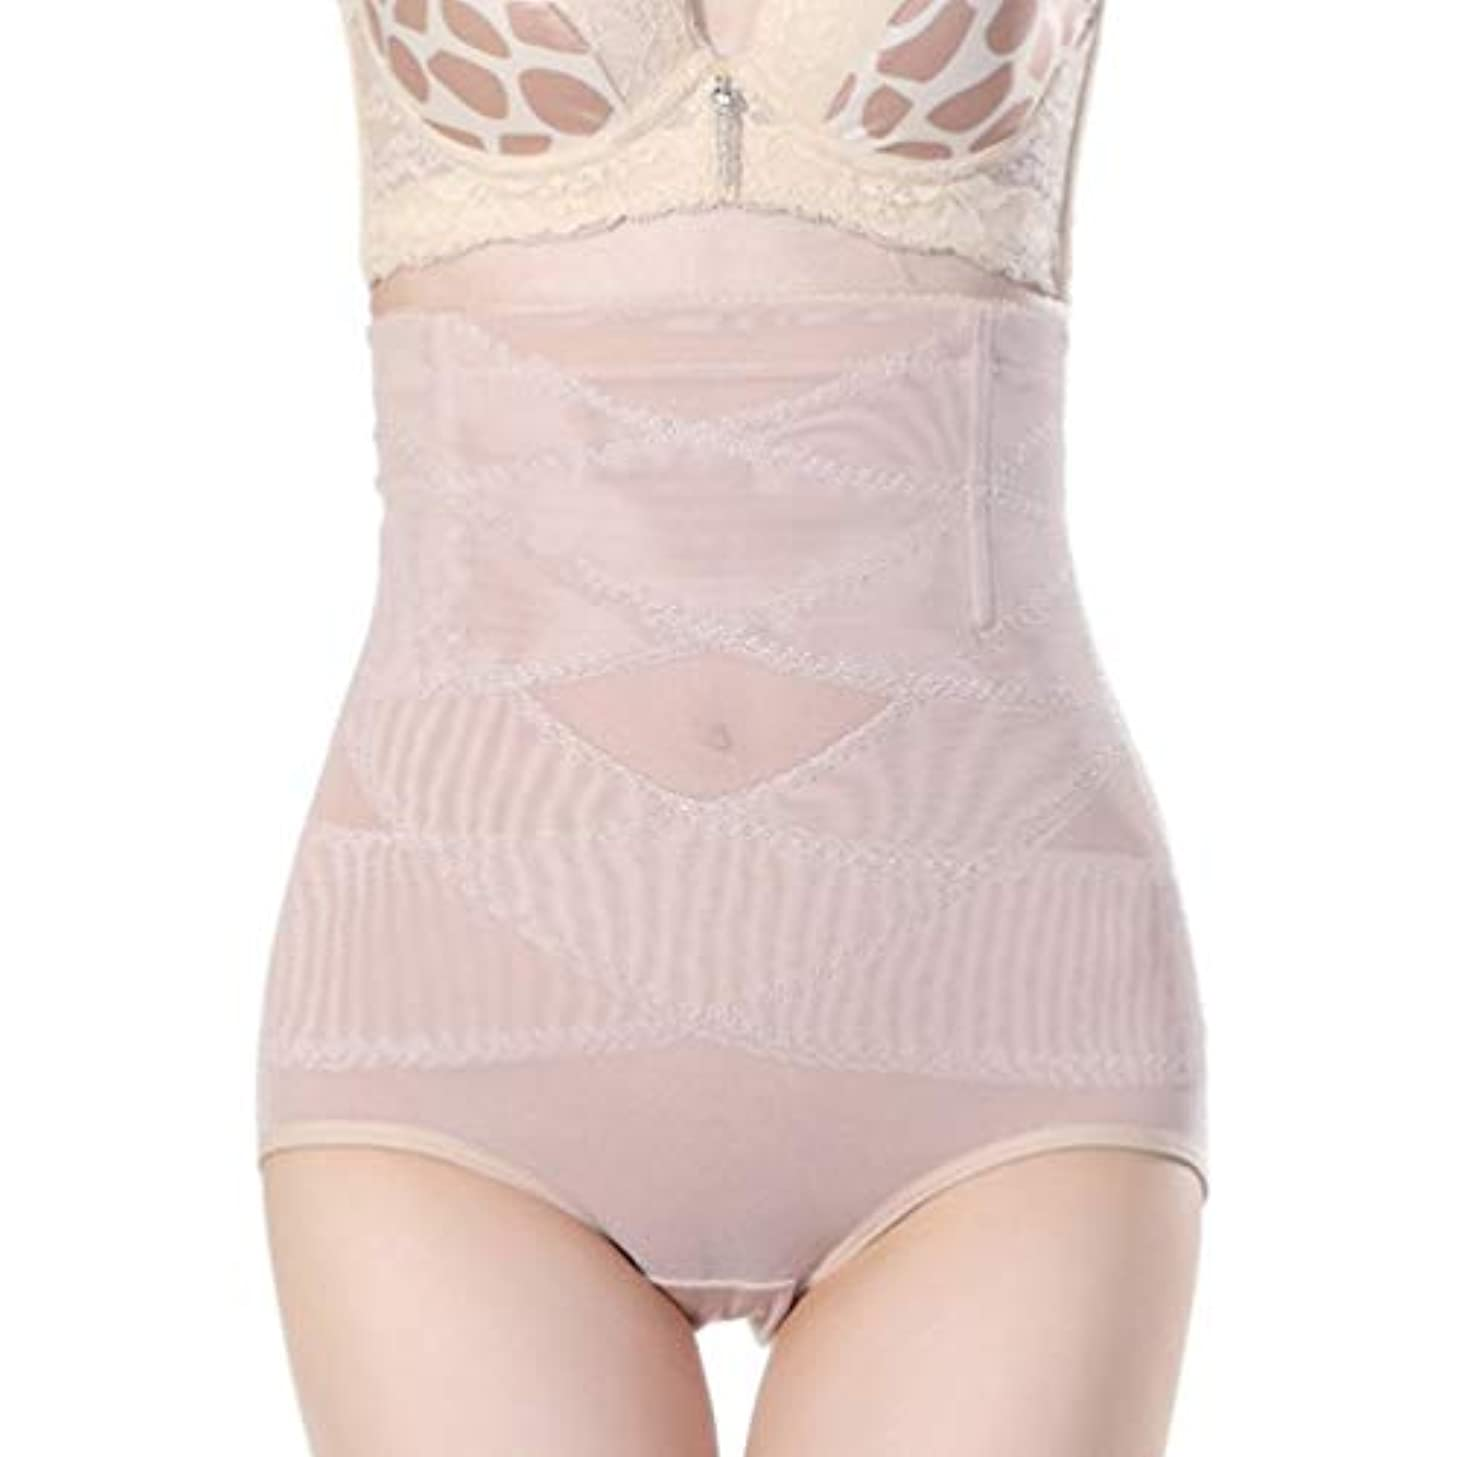 マイコンフロンティアマッシュ腹部制御下着シームレスおなかコントロールパンティーバットリフターボディシェイパーを痩身通気性のハイウエストの女性 - 肌色L